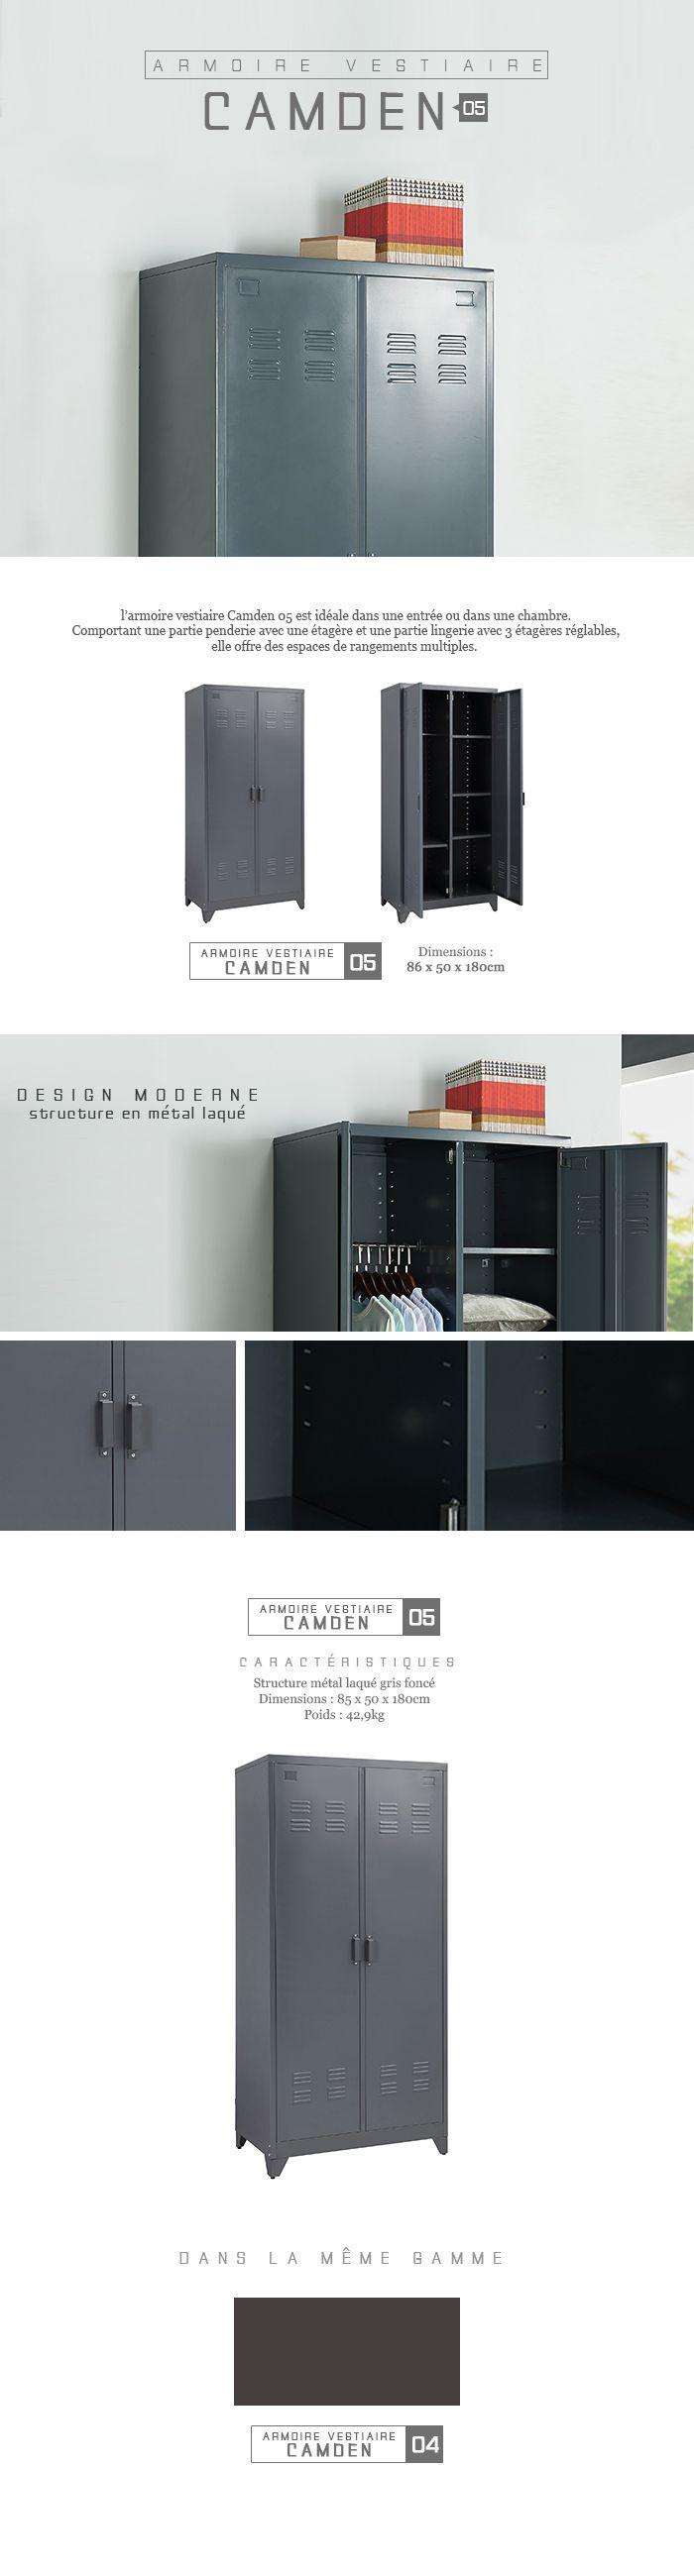 camden armoire vestiaire en m tal 85 cm laqu noir achat vente meuble d 39 entr e camden. Black Bedroom Furniture Sets. Home Design Ideas